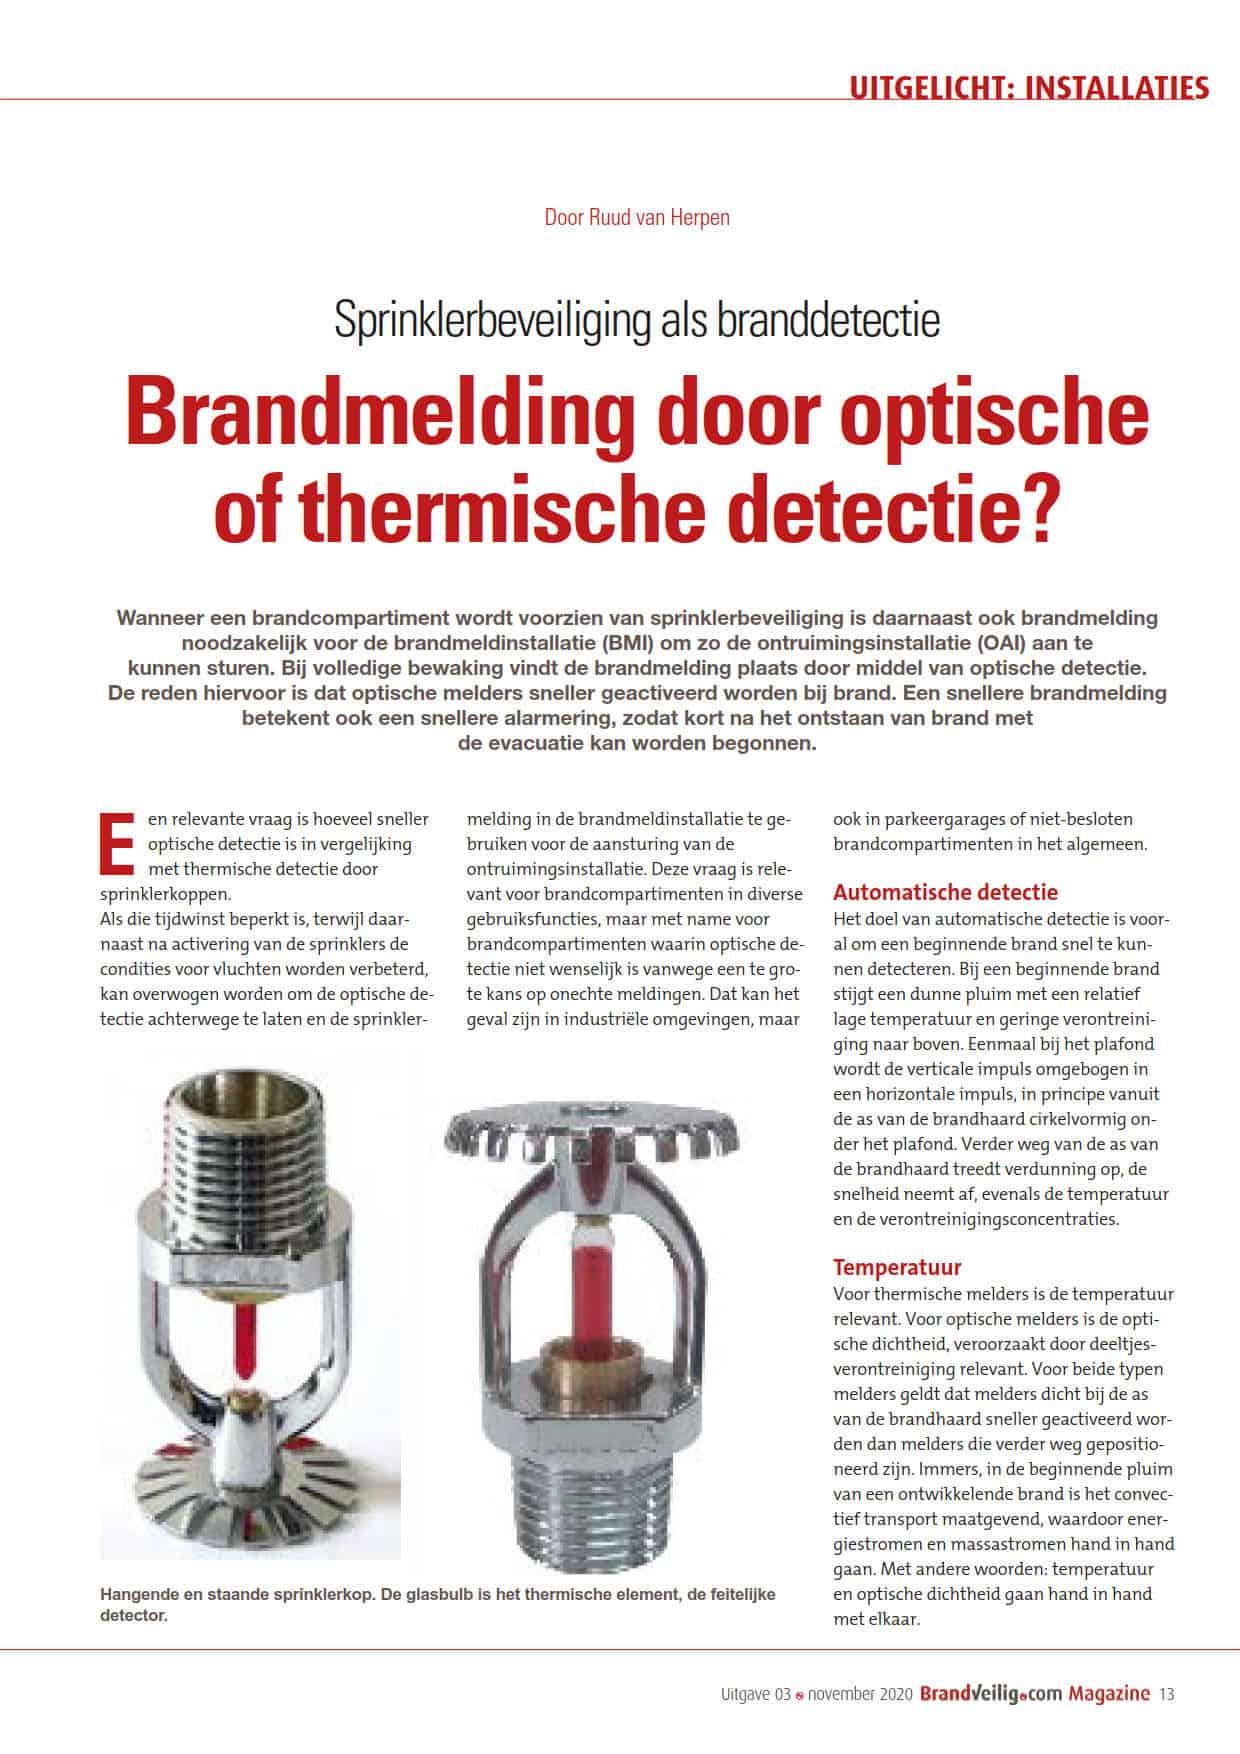 Sprinklerbeveiliging door Ruud van Herpen voor Brandveilig.com